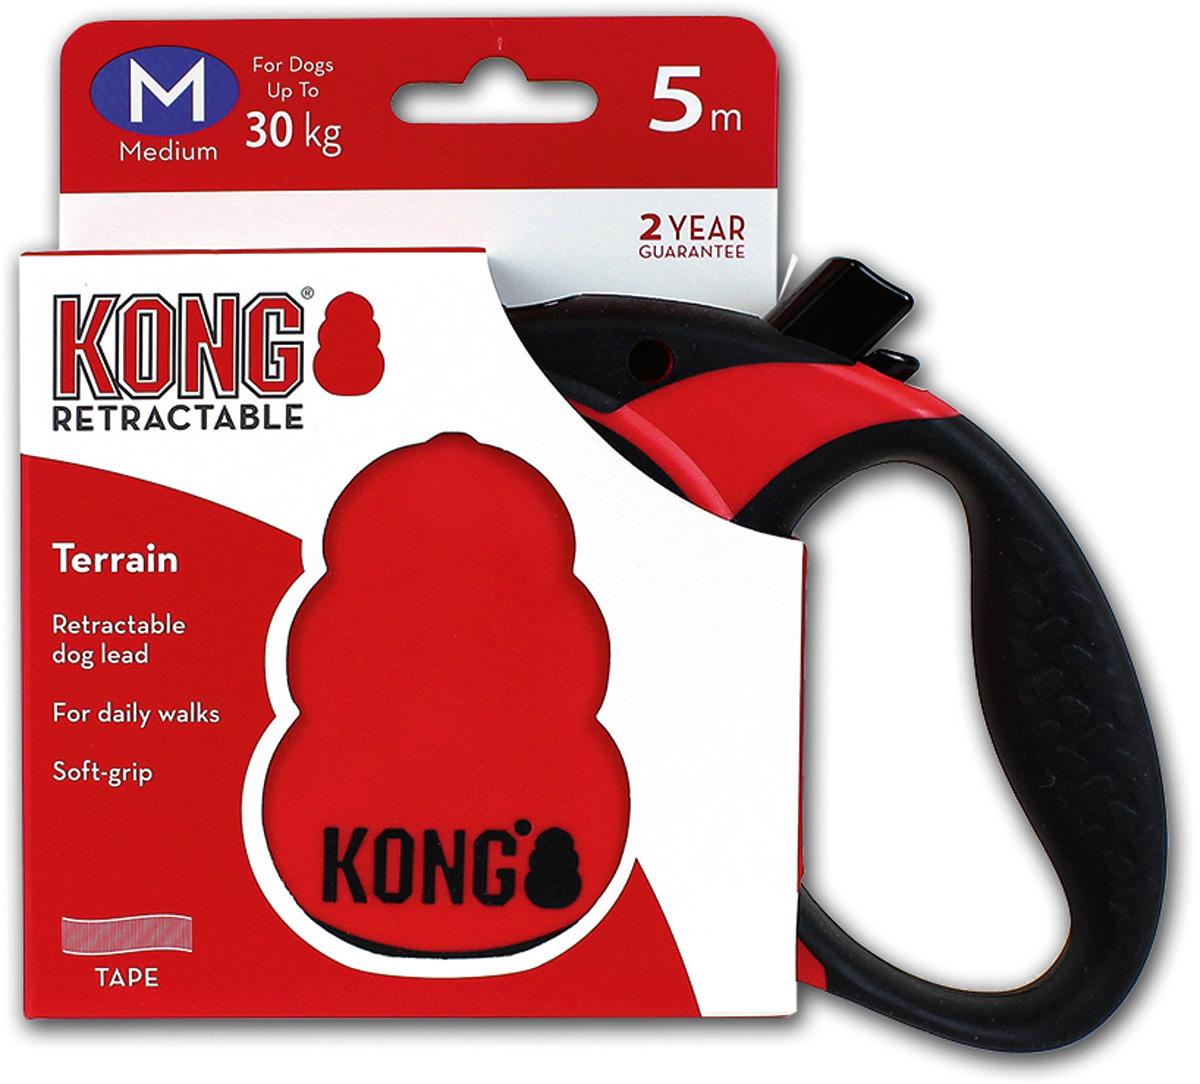 Поводок-рулетка для собак Kong Terrain M, цвет: красный, до 30 кг, 5 м